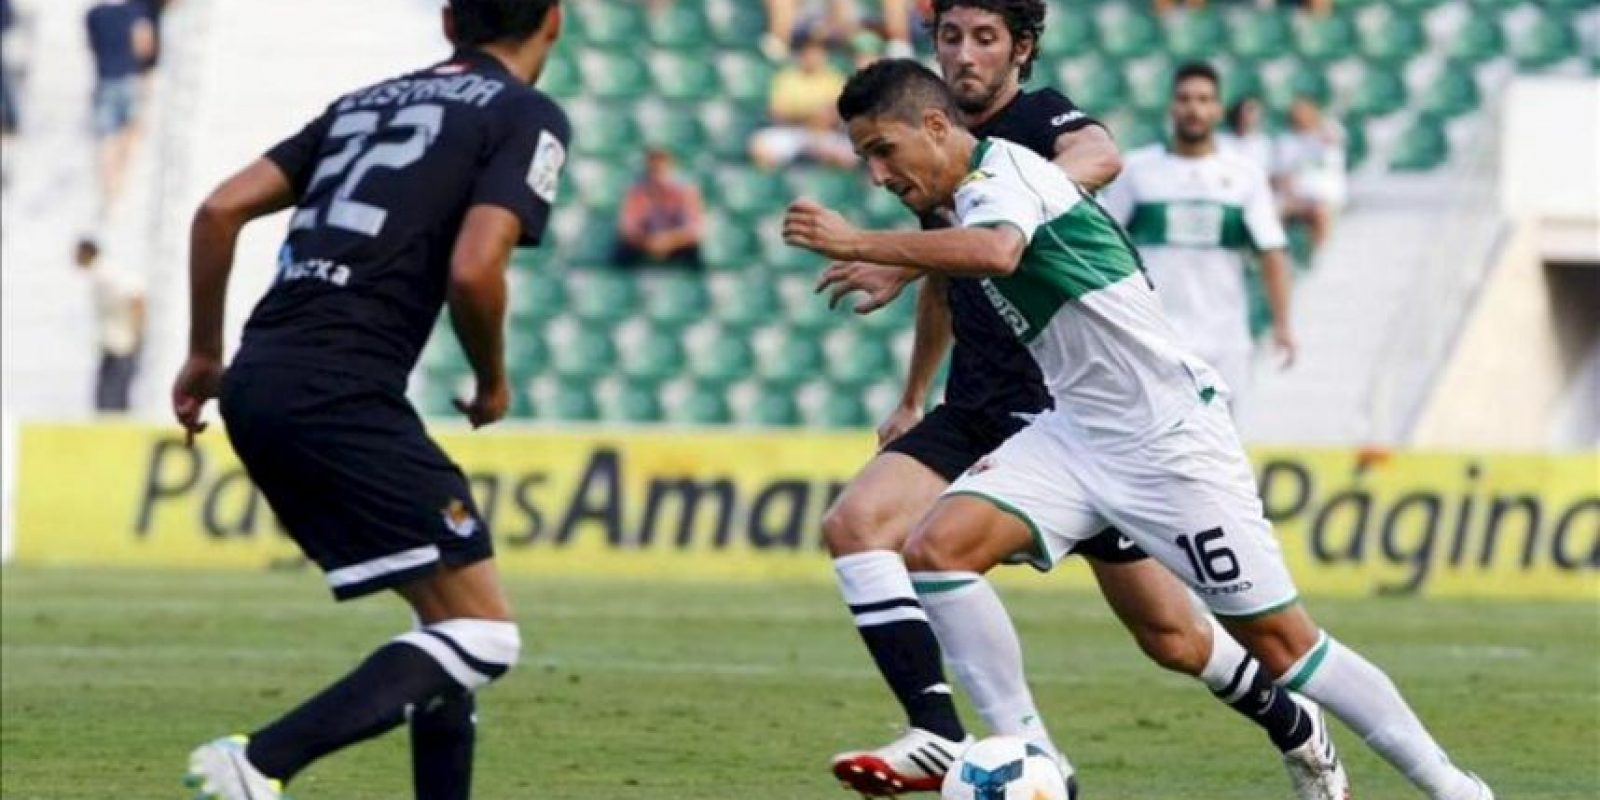 El centrocampista del Elche Fidel Chaves se va con el balón del centrocampista de la Real Sociedad Esteban Granero, durante el partido de la segunda jornada de la Liga BBVA que se ha disputado en el estadio Martínez Valero. EFE